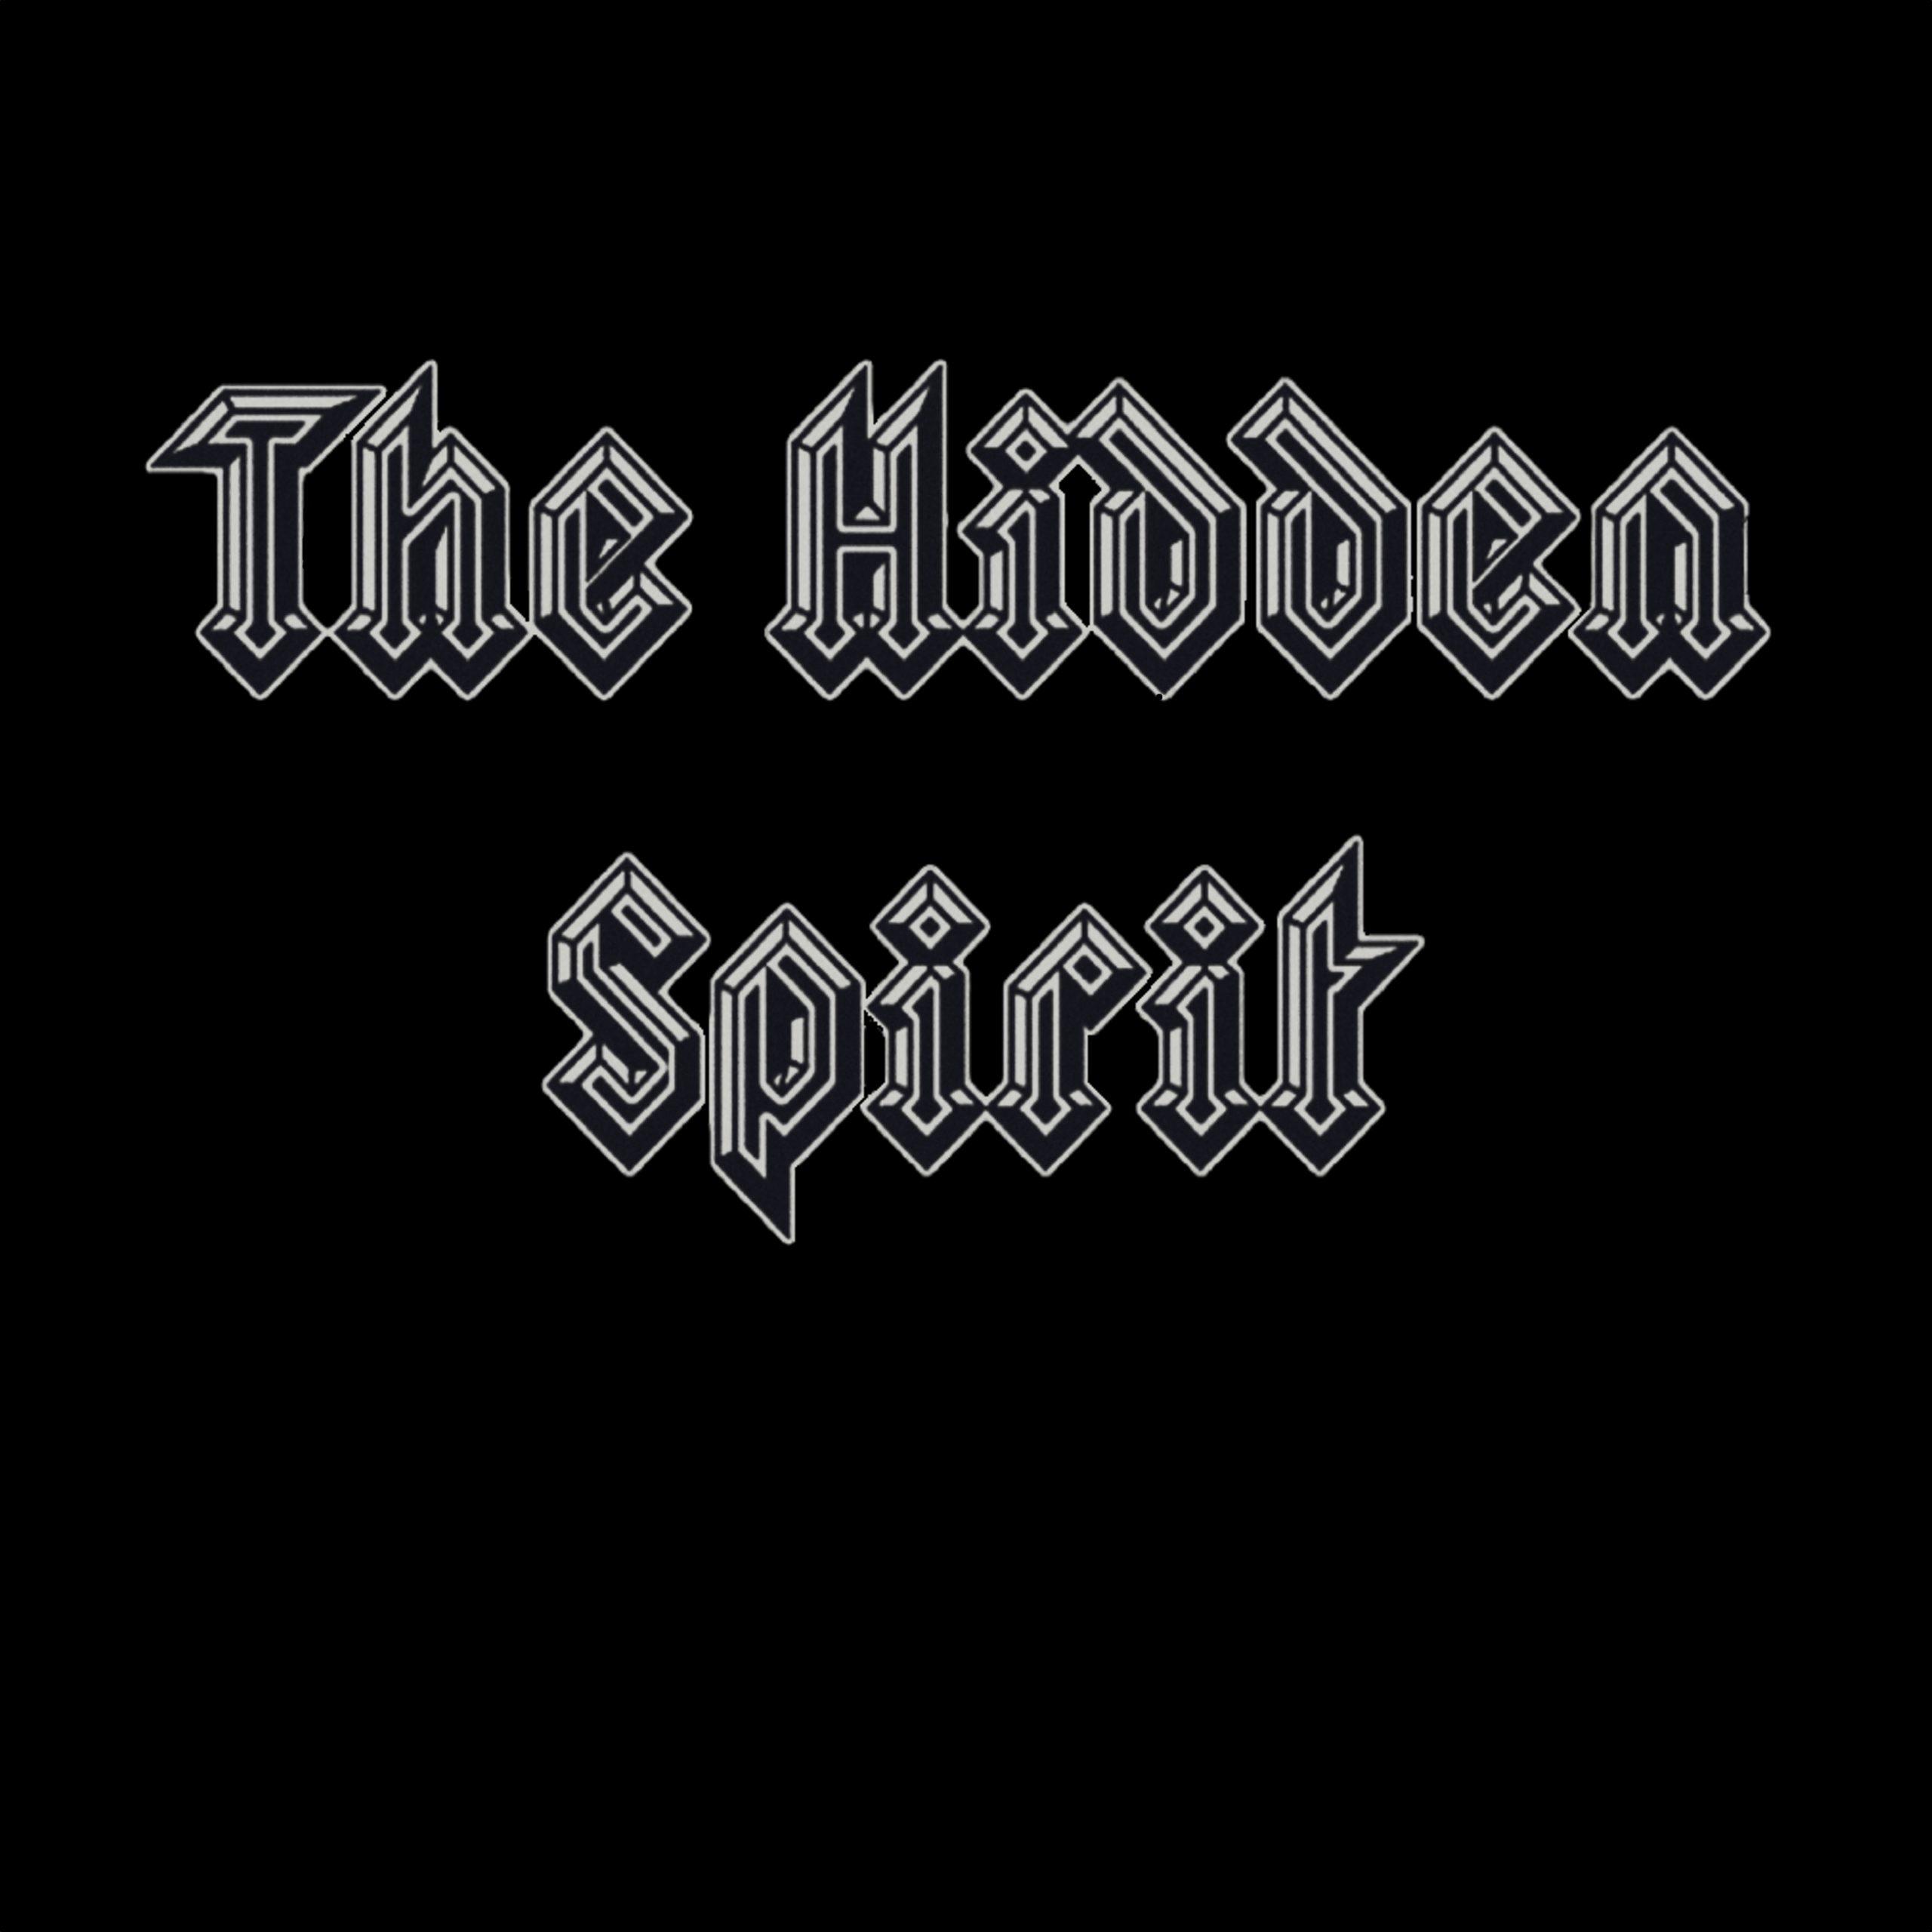 the-hidden-spirit-the-hidden-spirit-ein-album-review